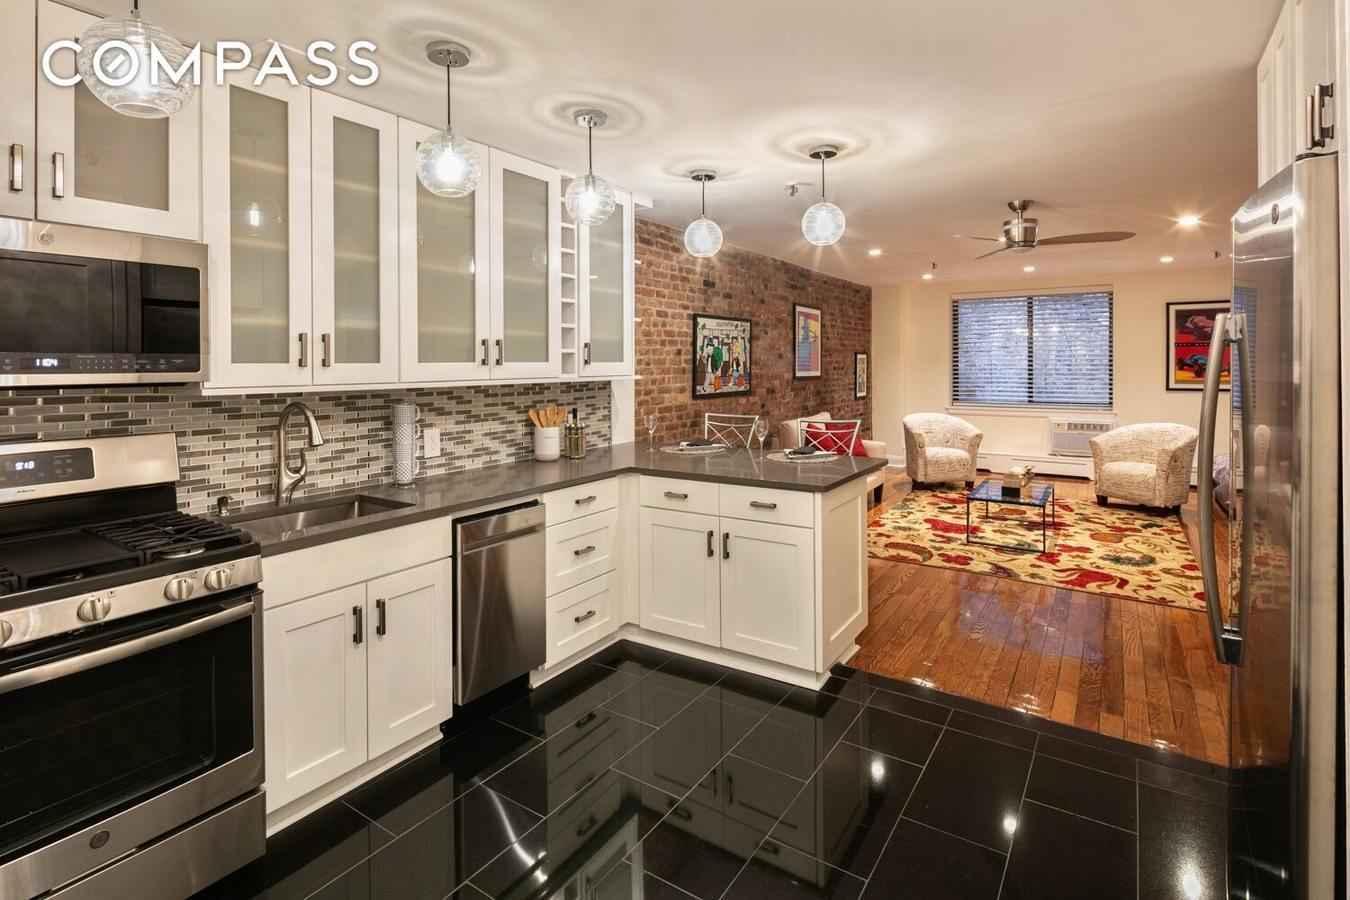 Apartment for sale at 61 Lexington Avenue, Apt 1-H